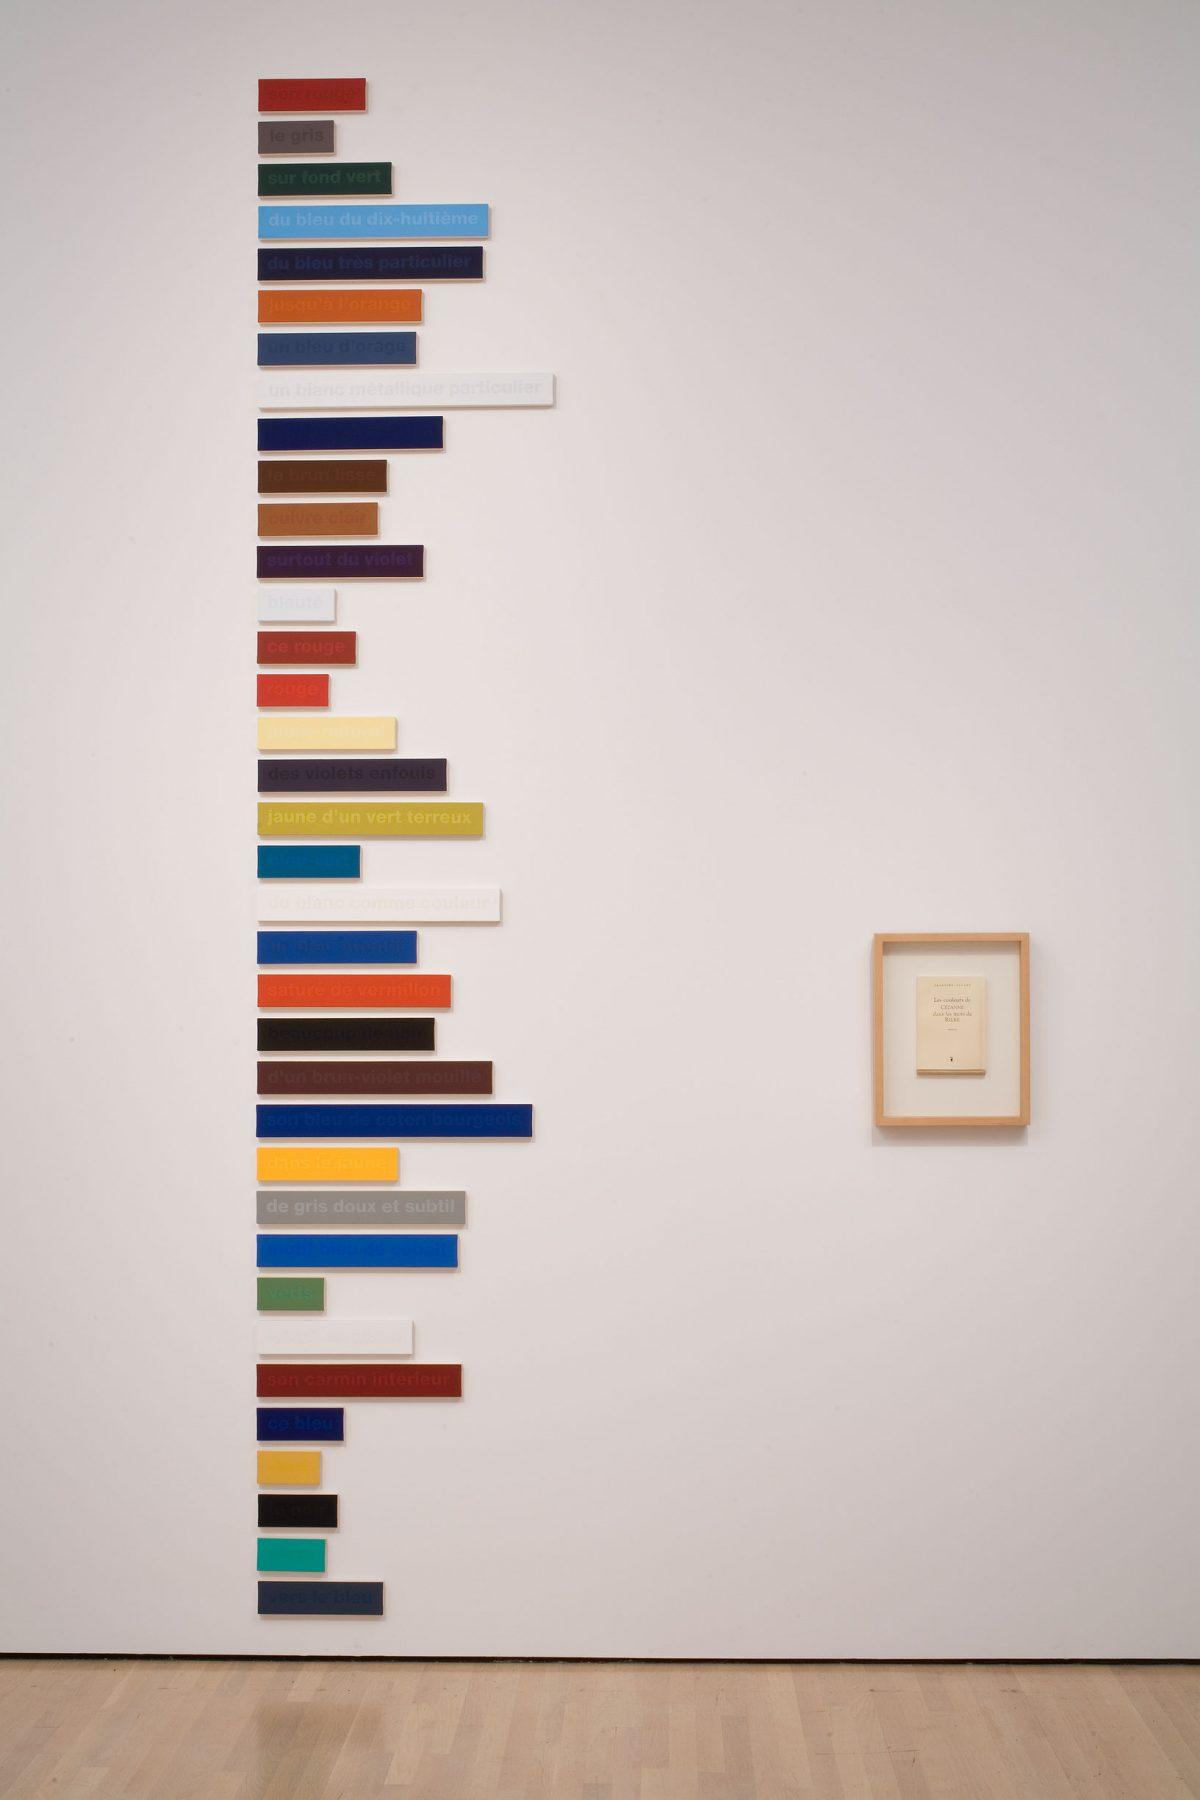 Les Couleurs de Cézanne dans les mots de Rilke, 36/100 - essai, 1997-1998, Francine Savard, Peinture vinylique et acrylique sur toile marouflée sur aggloméré de fibre de pin et livre encadré.